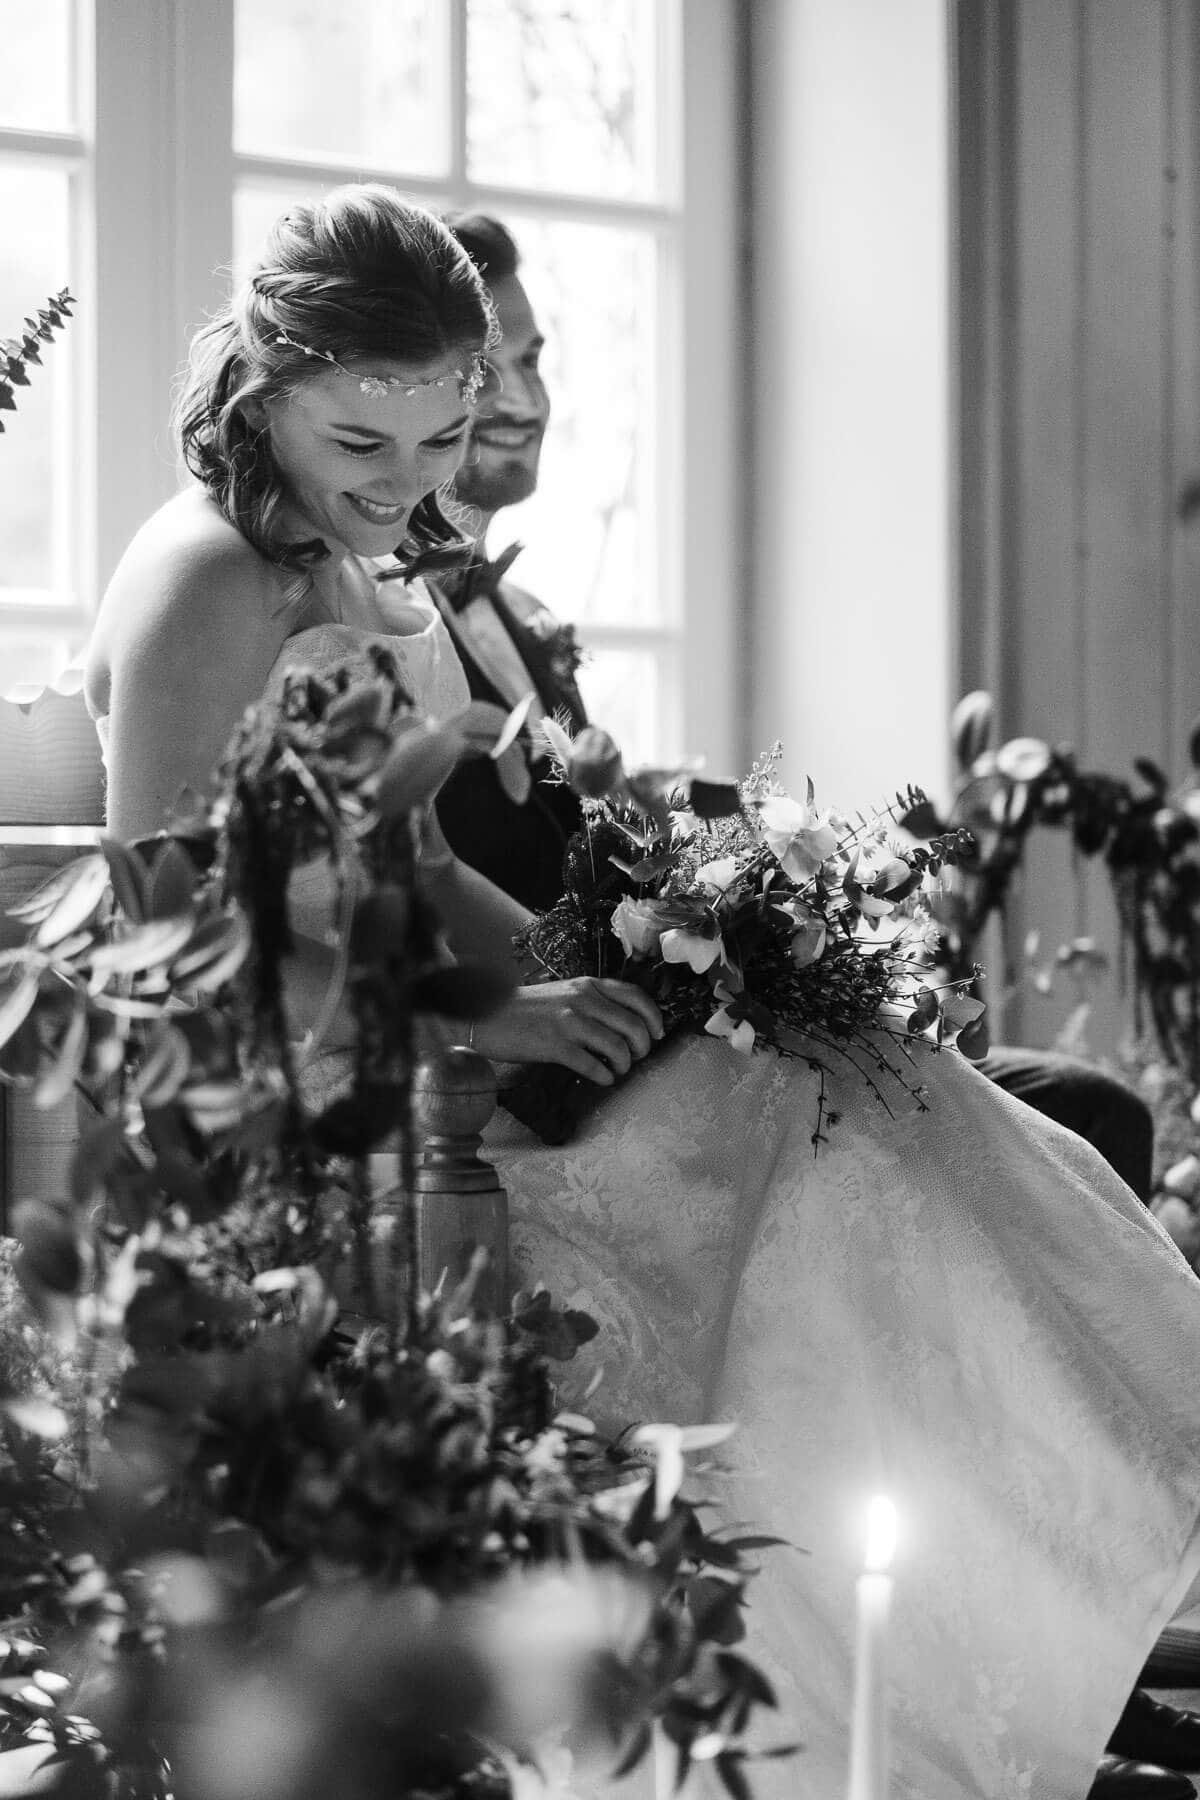 das Brutpaar sitzt auf einer Holzbank in einem Zimmer mit großen, helen Fenstern in einem Landhaus, di Bank ist geschmückt, die Braut schaut hinunter auf den Boden